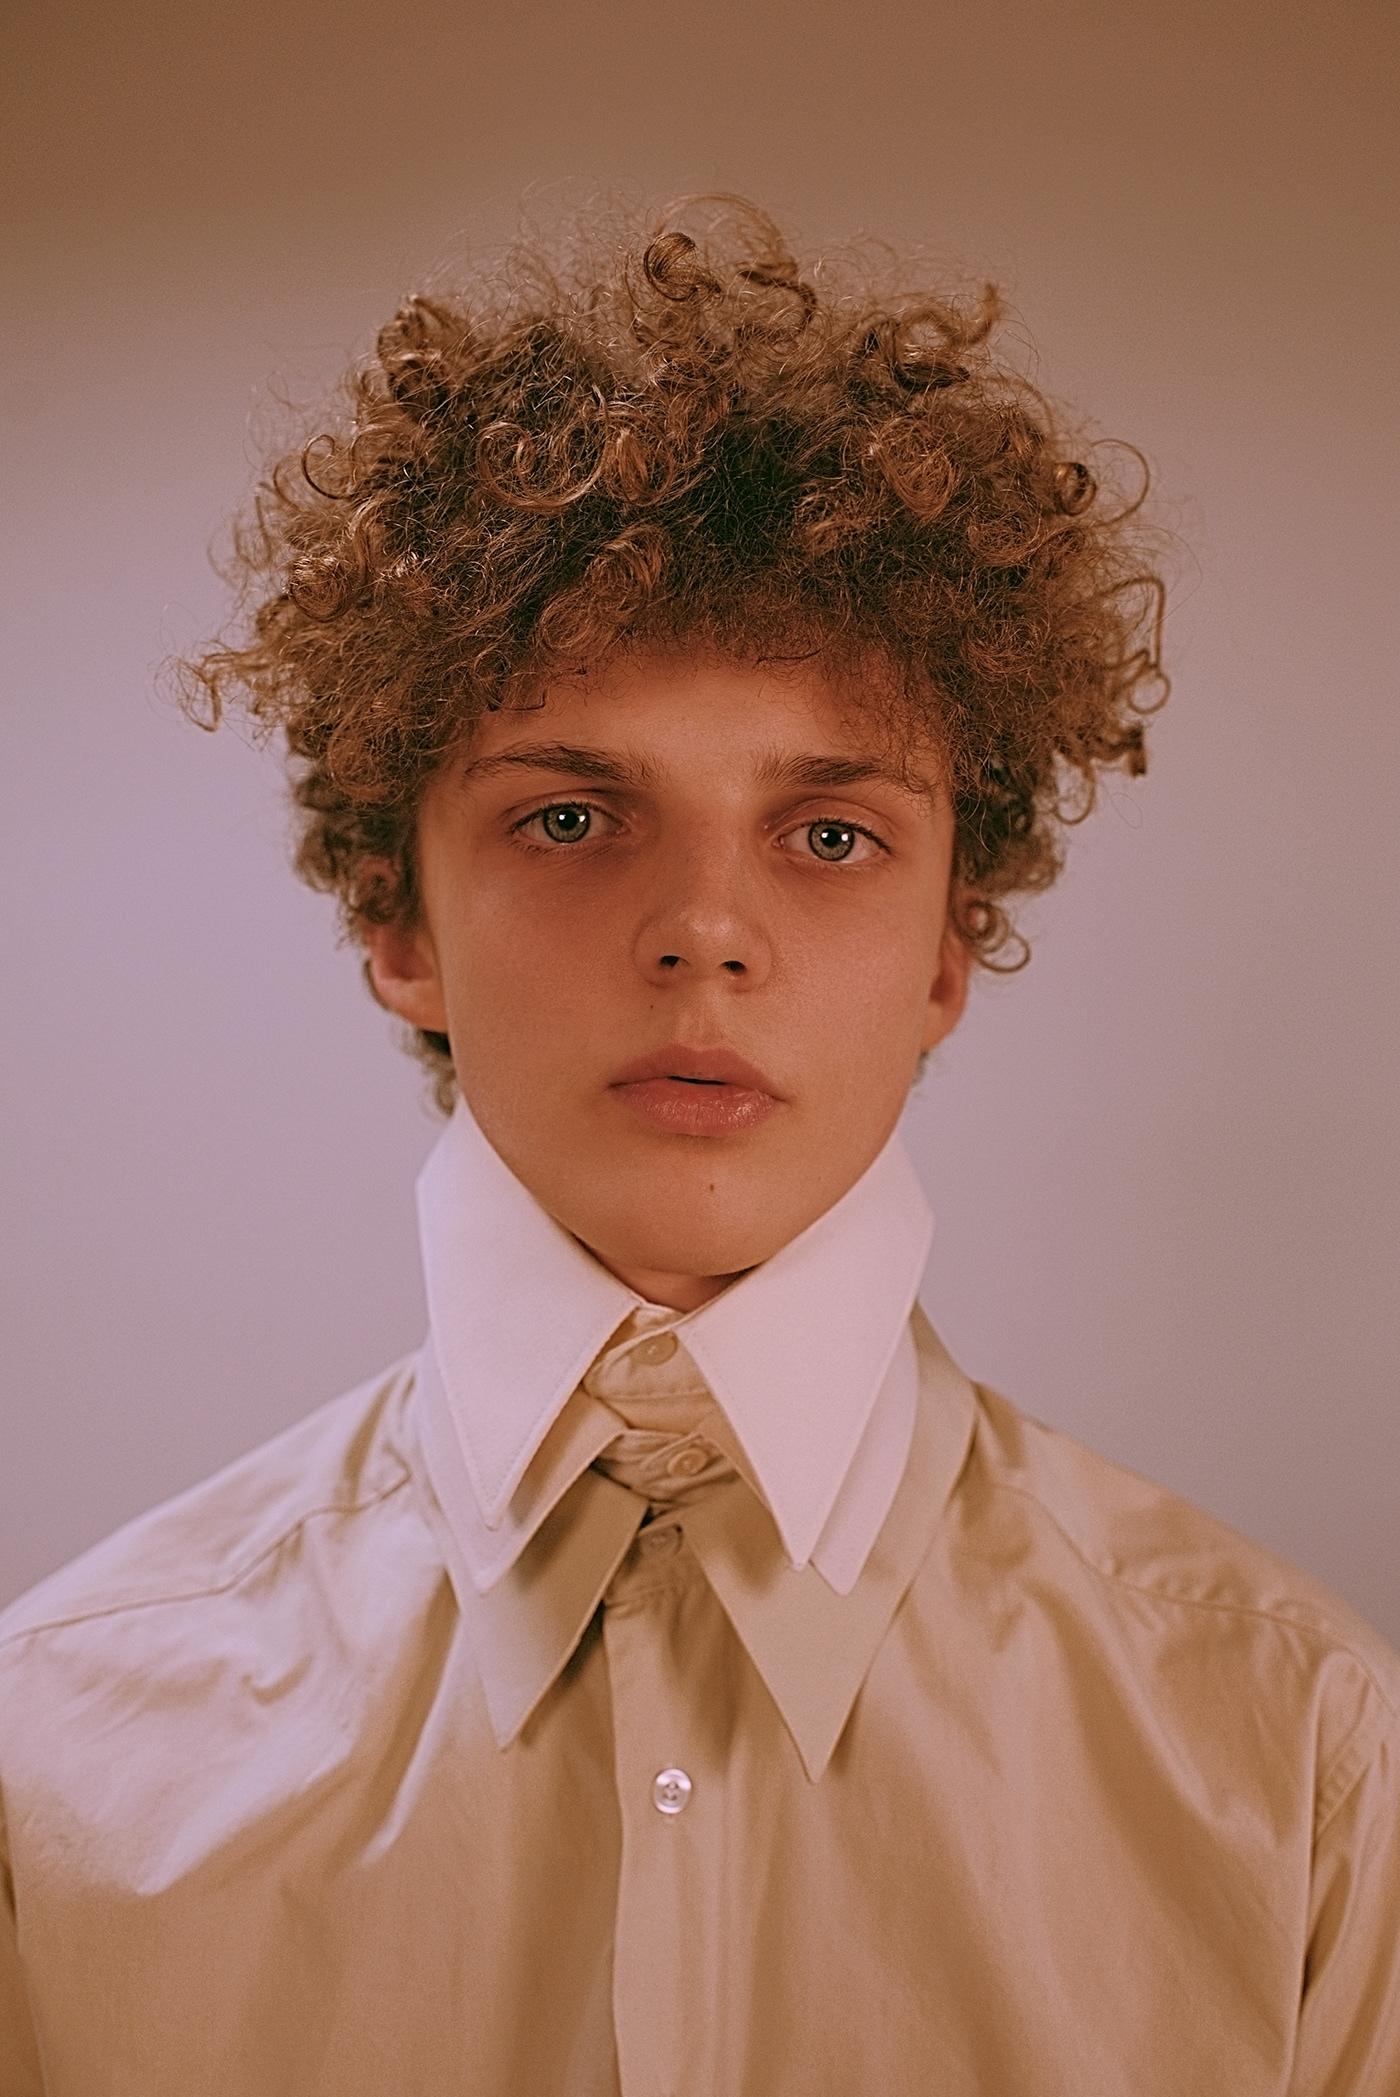 test boy model Style shirt portrait retouch